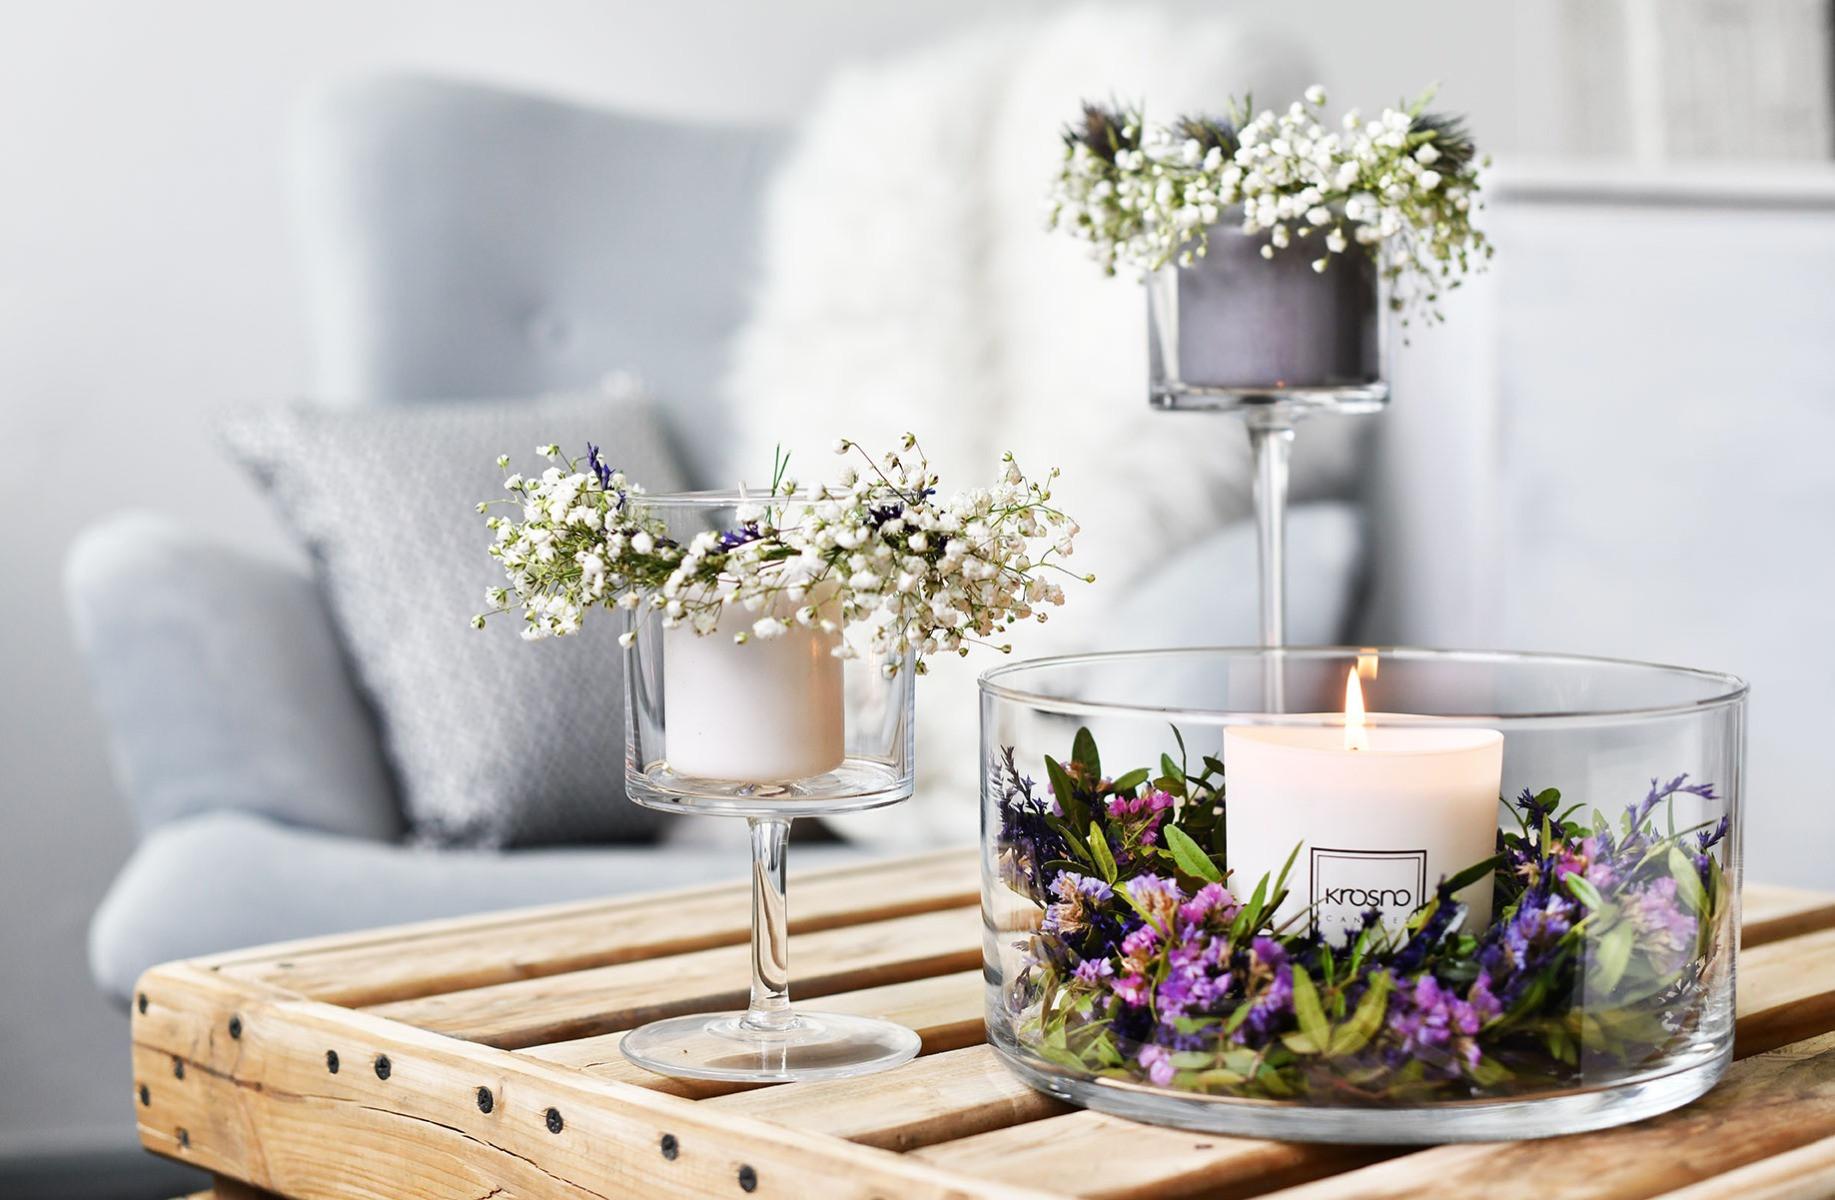 Świecznik na nodze Glamour KROSNO ozdobiony kwiatami